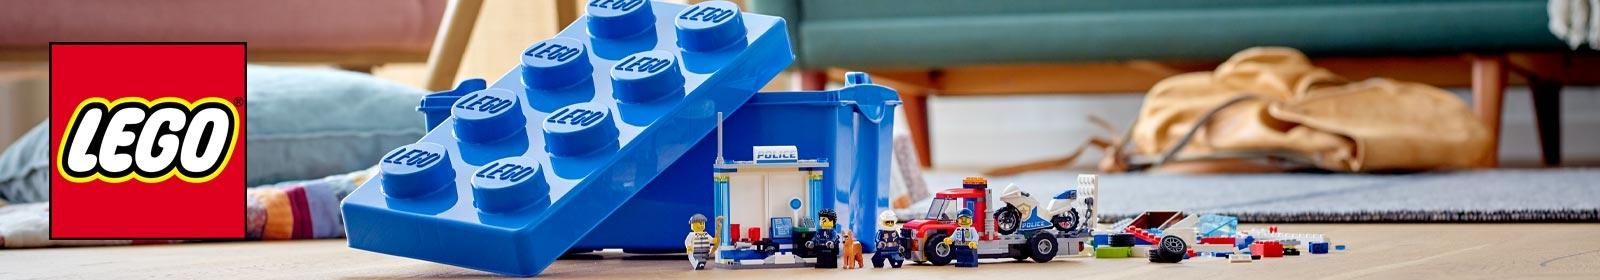 juguetes LEGO al mejor precio